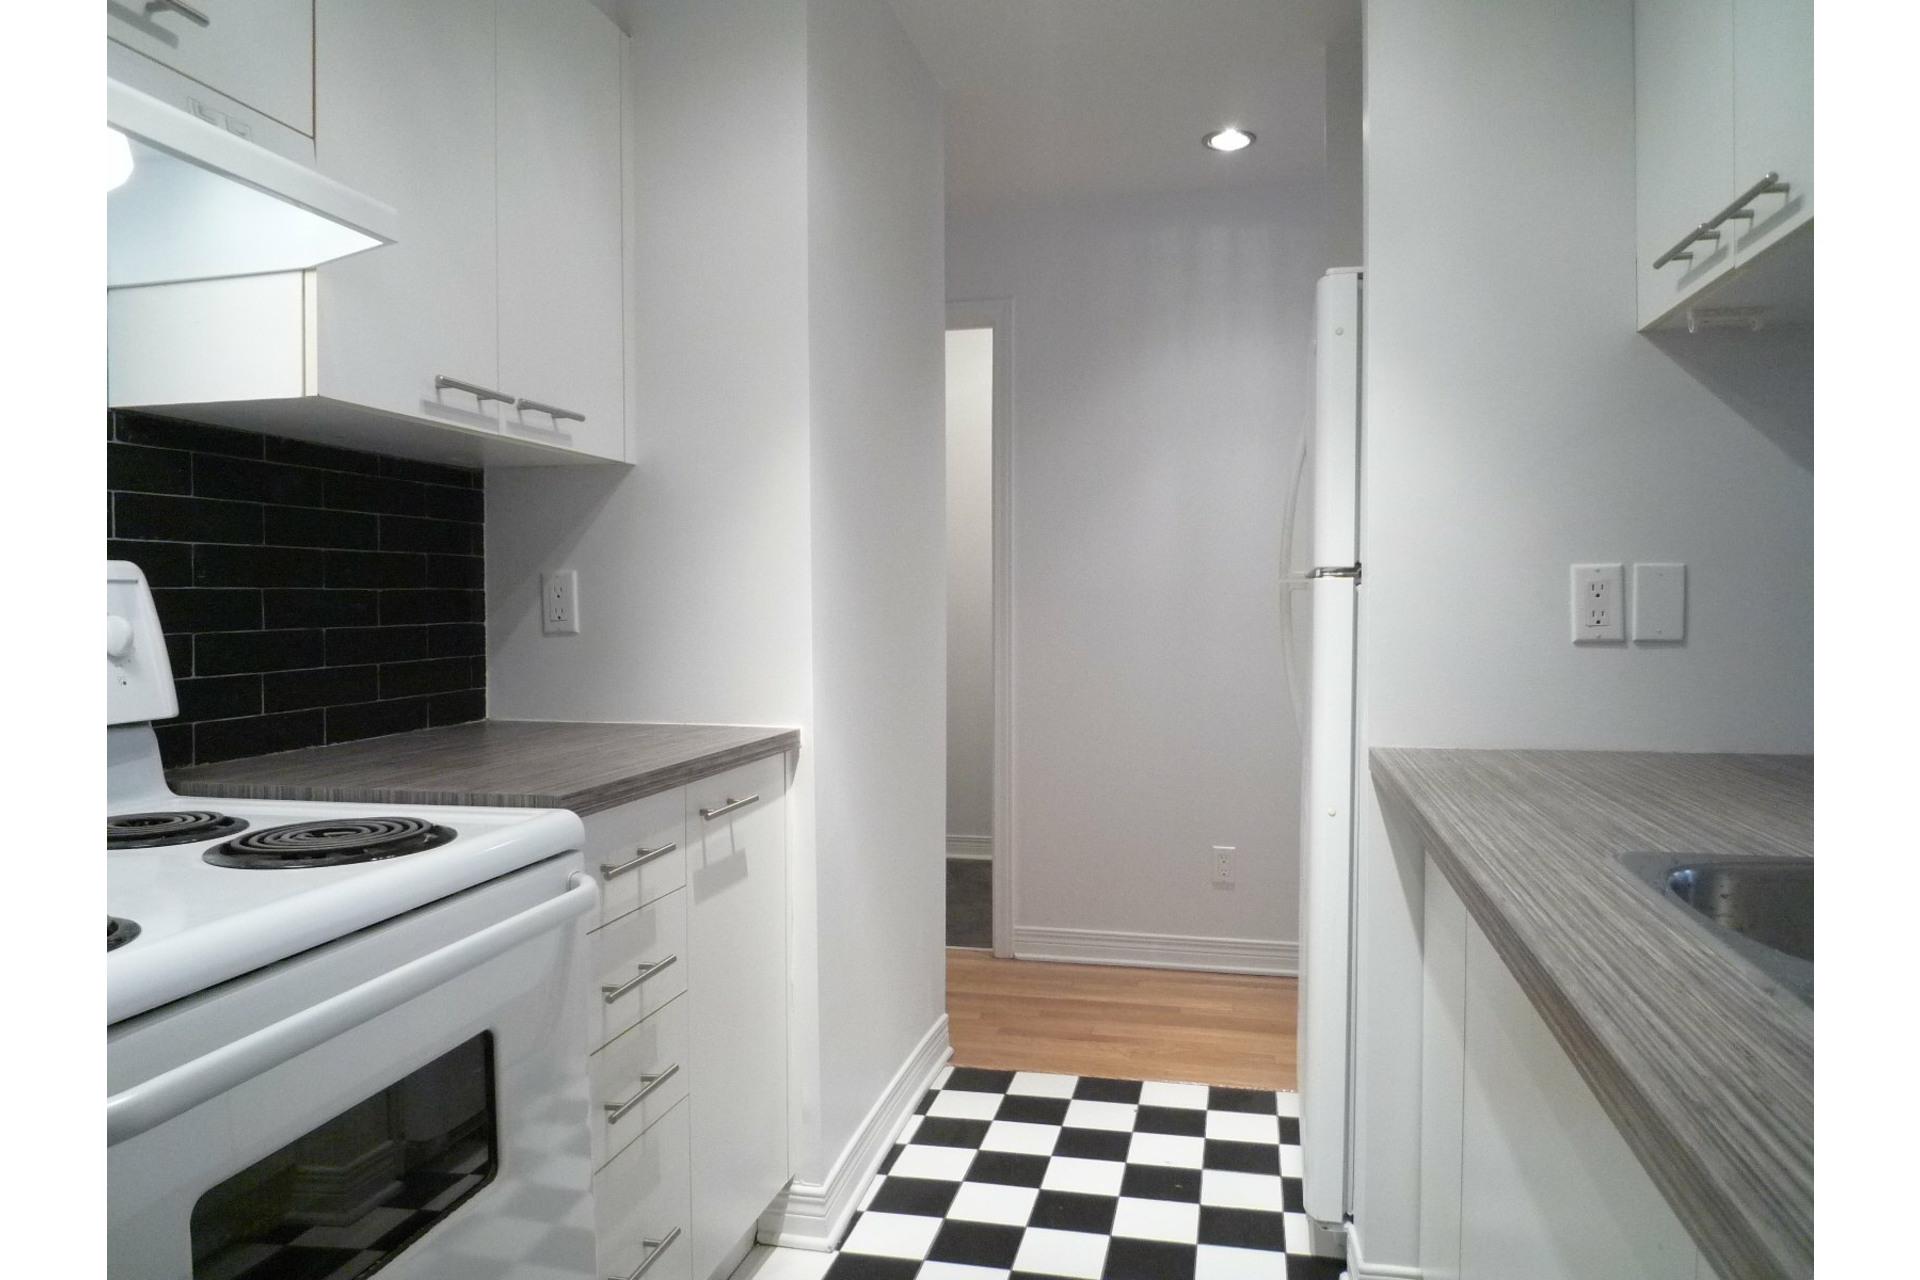 image 9 - Appartement À louer Le Plateau-Mont-Royal Montréal  - 6 pièces